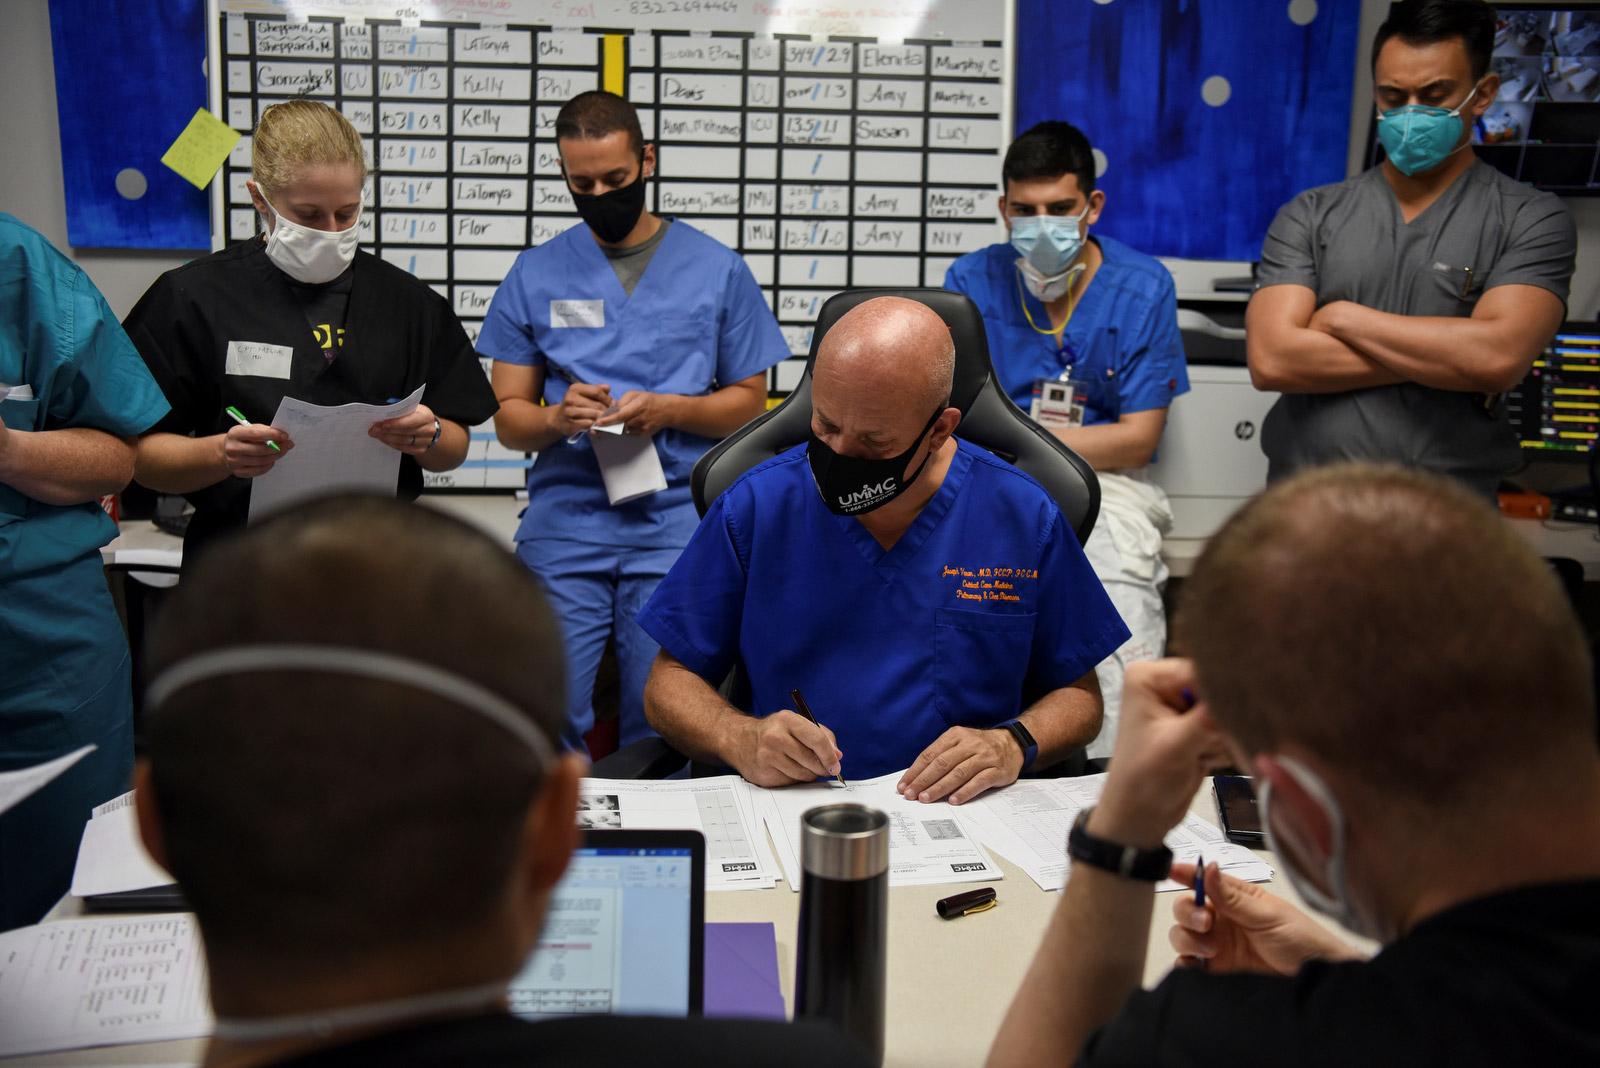 Varon y su equipo revisan los archivos de los pacientes durante una reunión diaria.